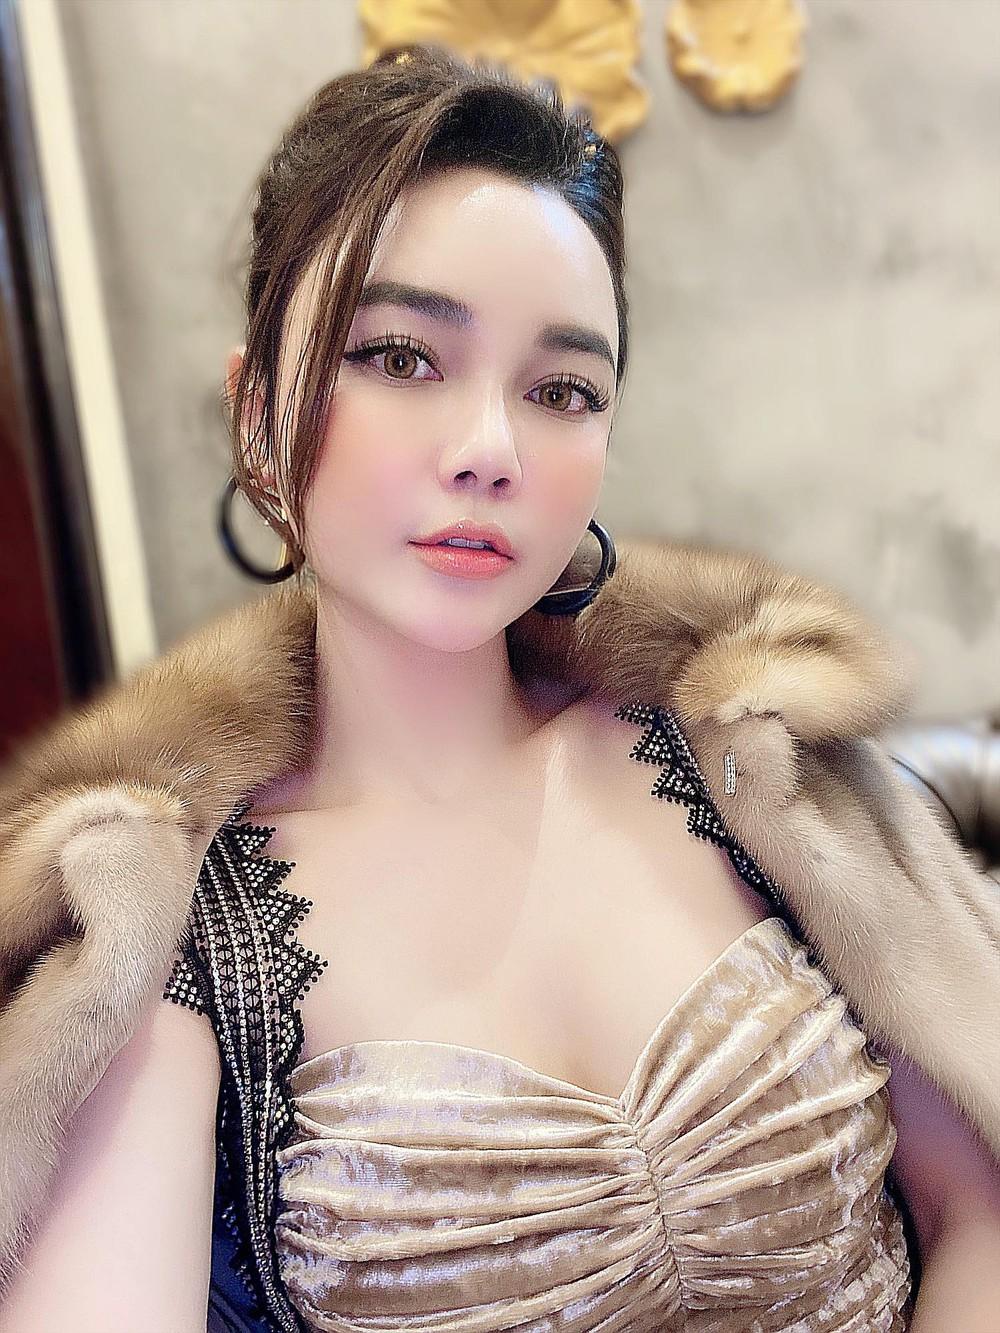 Nhan sắc nữ diễn viên Cả một đời ân oán Hồng Phương ở tuổi 38 - Ảnh 4.